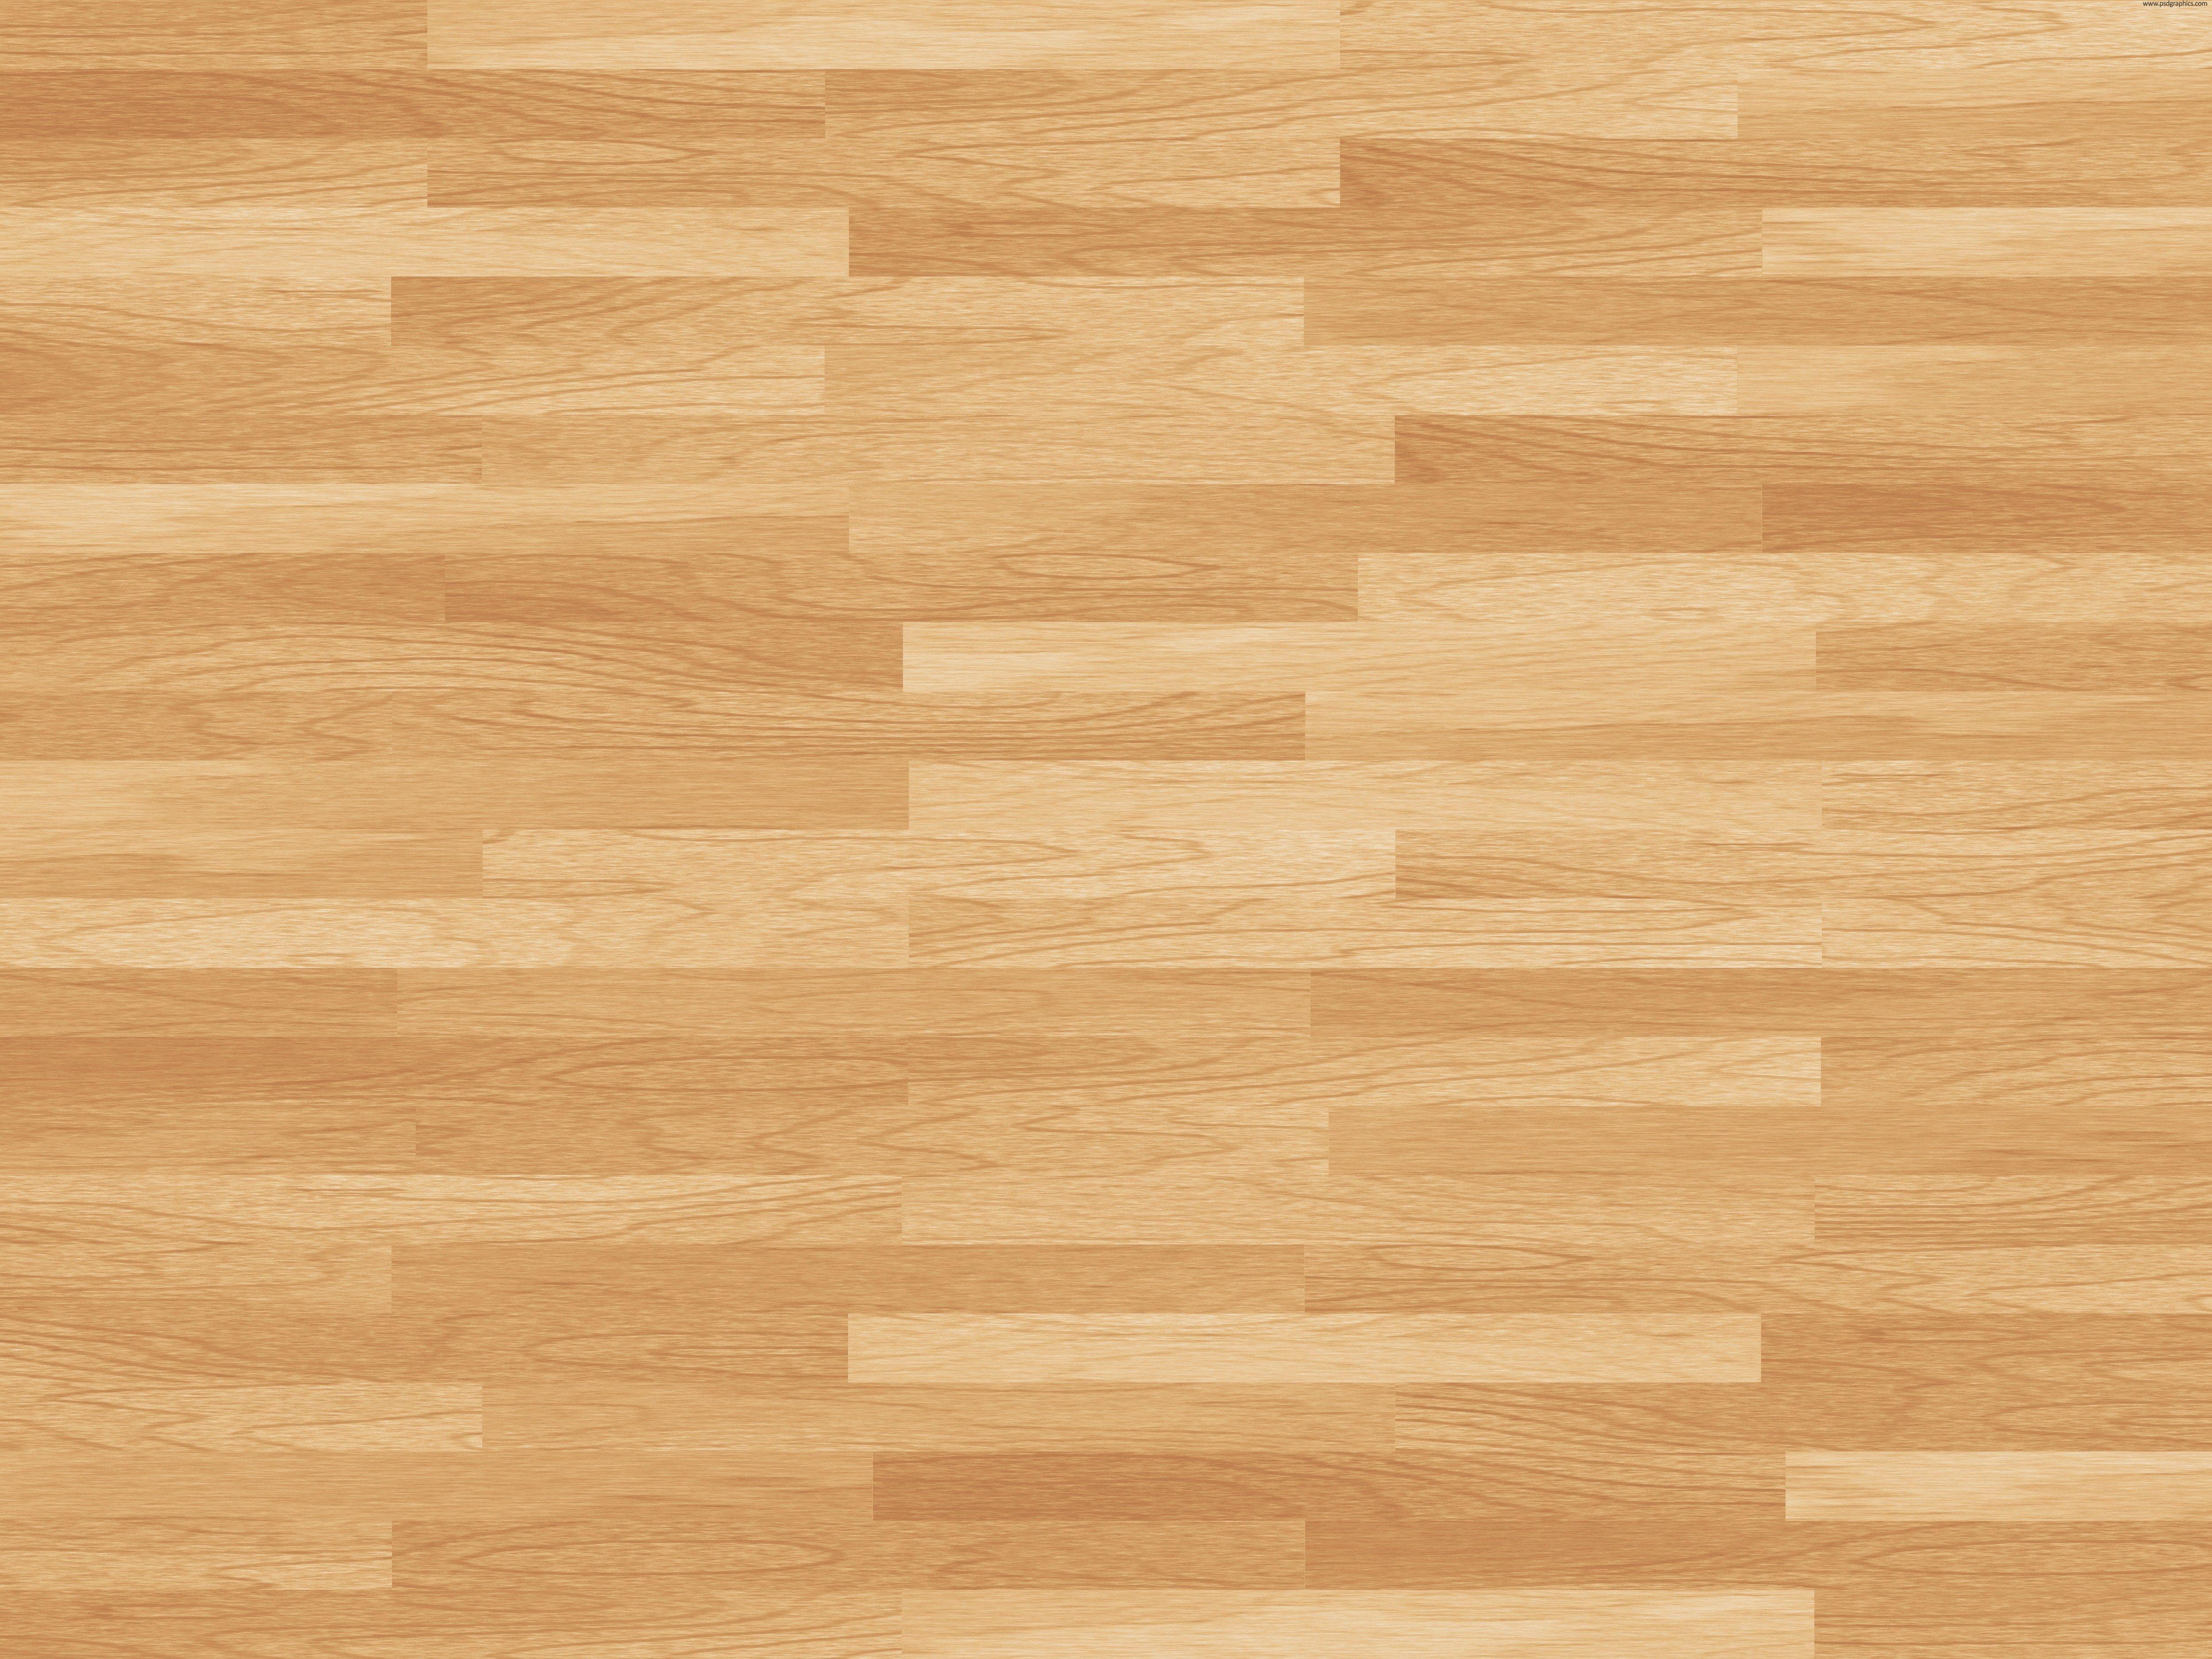 WoodFloorsForKitchenDesignsFloorFlooringTexture